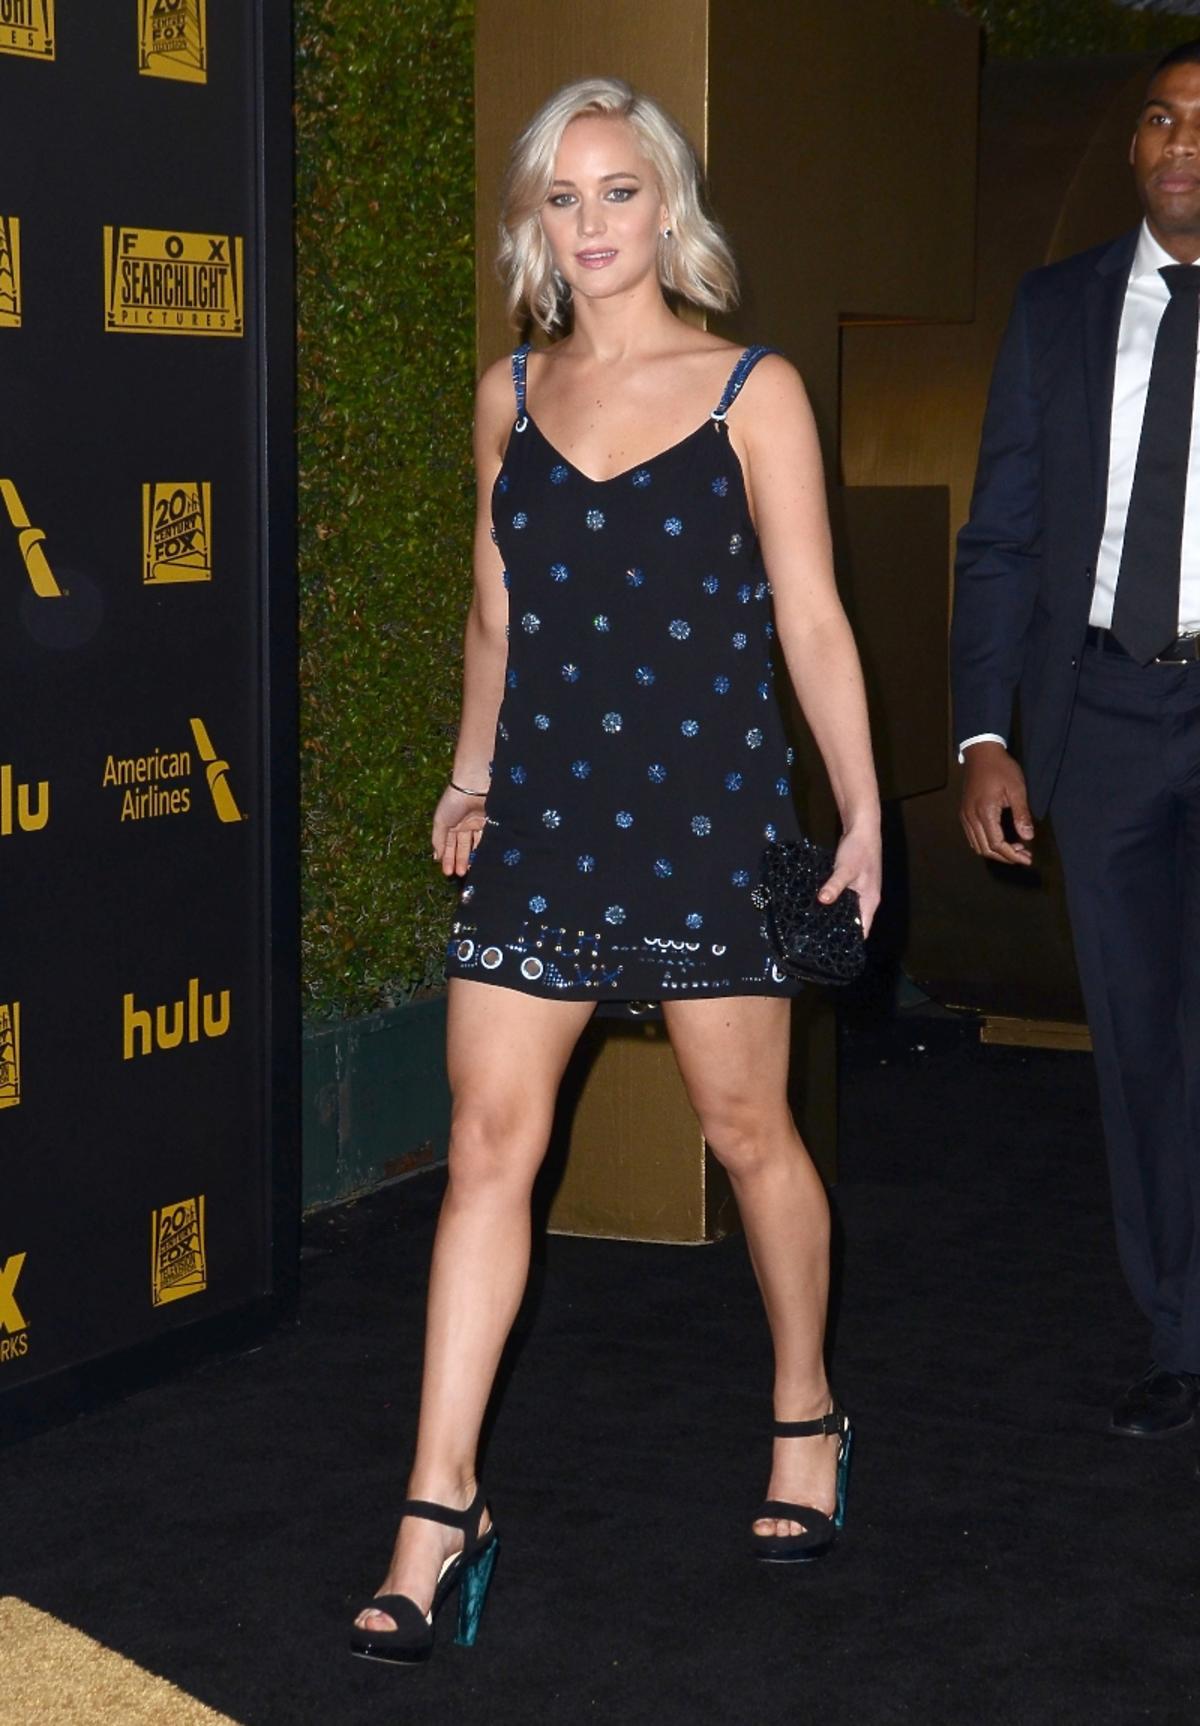 Jennifer Lawrence w czarnej sukience z błyszczącymi kropkami i sandałach